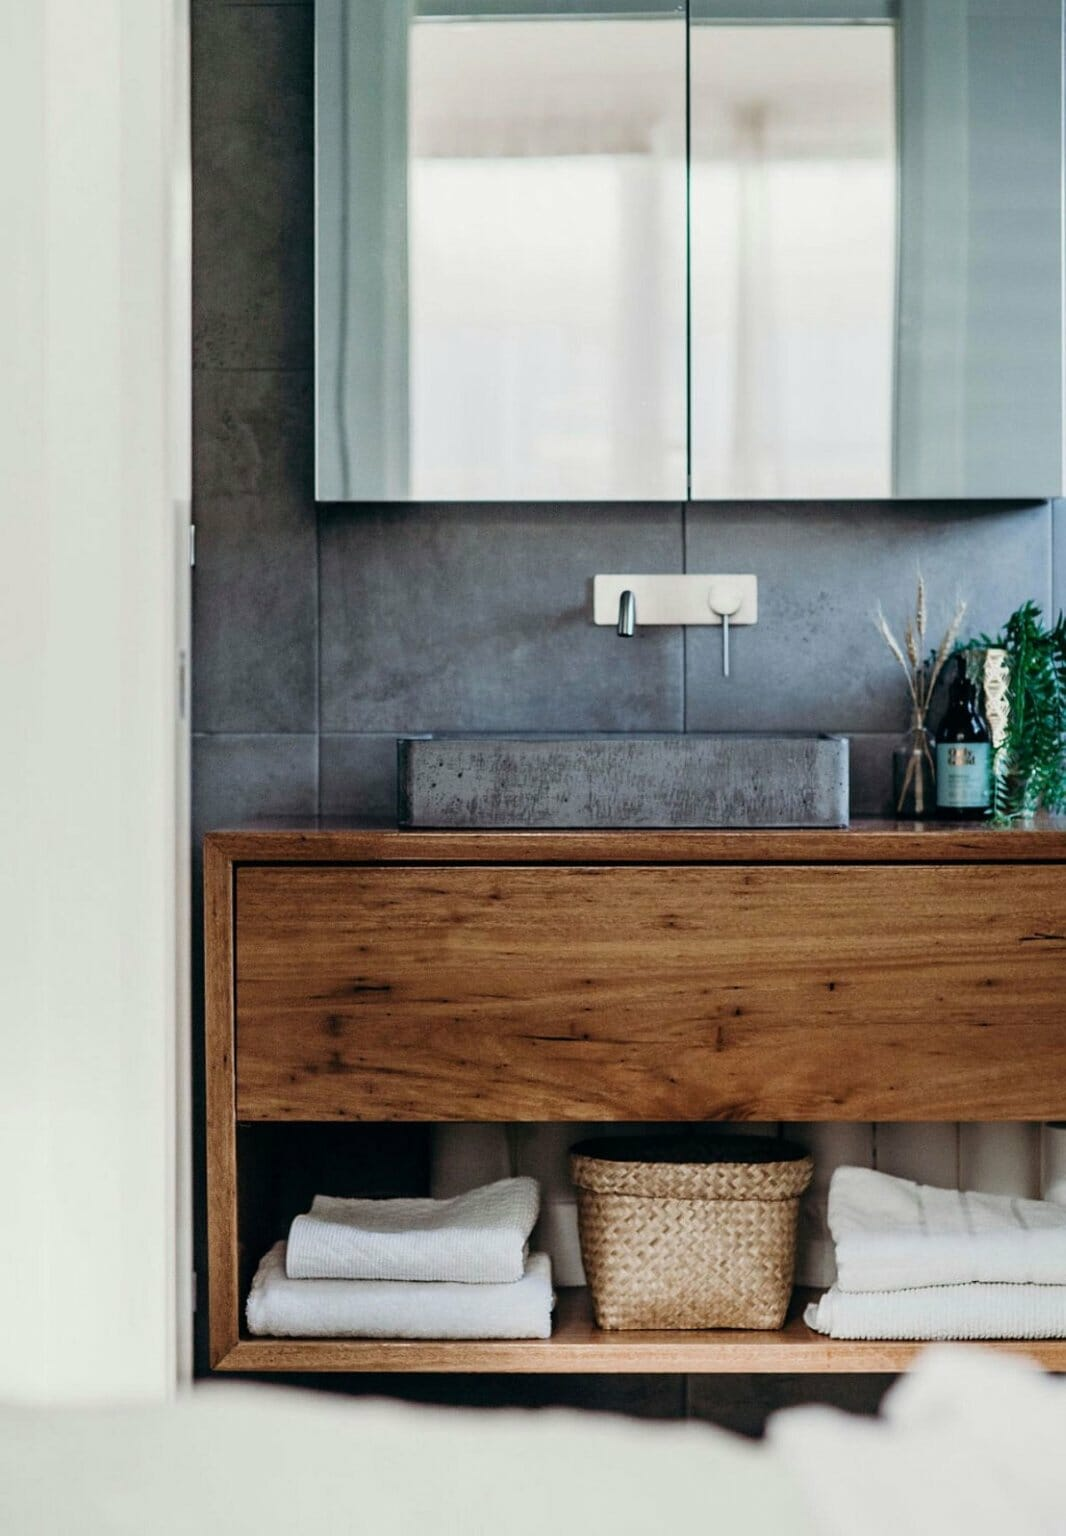 hình ảnh một góc phòng tắm mùa hè với tường bê tông xám sau gương soi, tủ gỗ mộc mạc